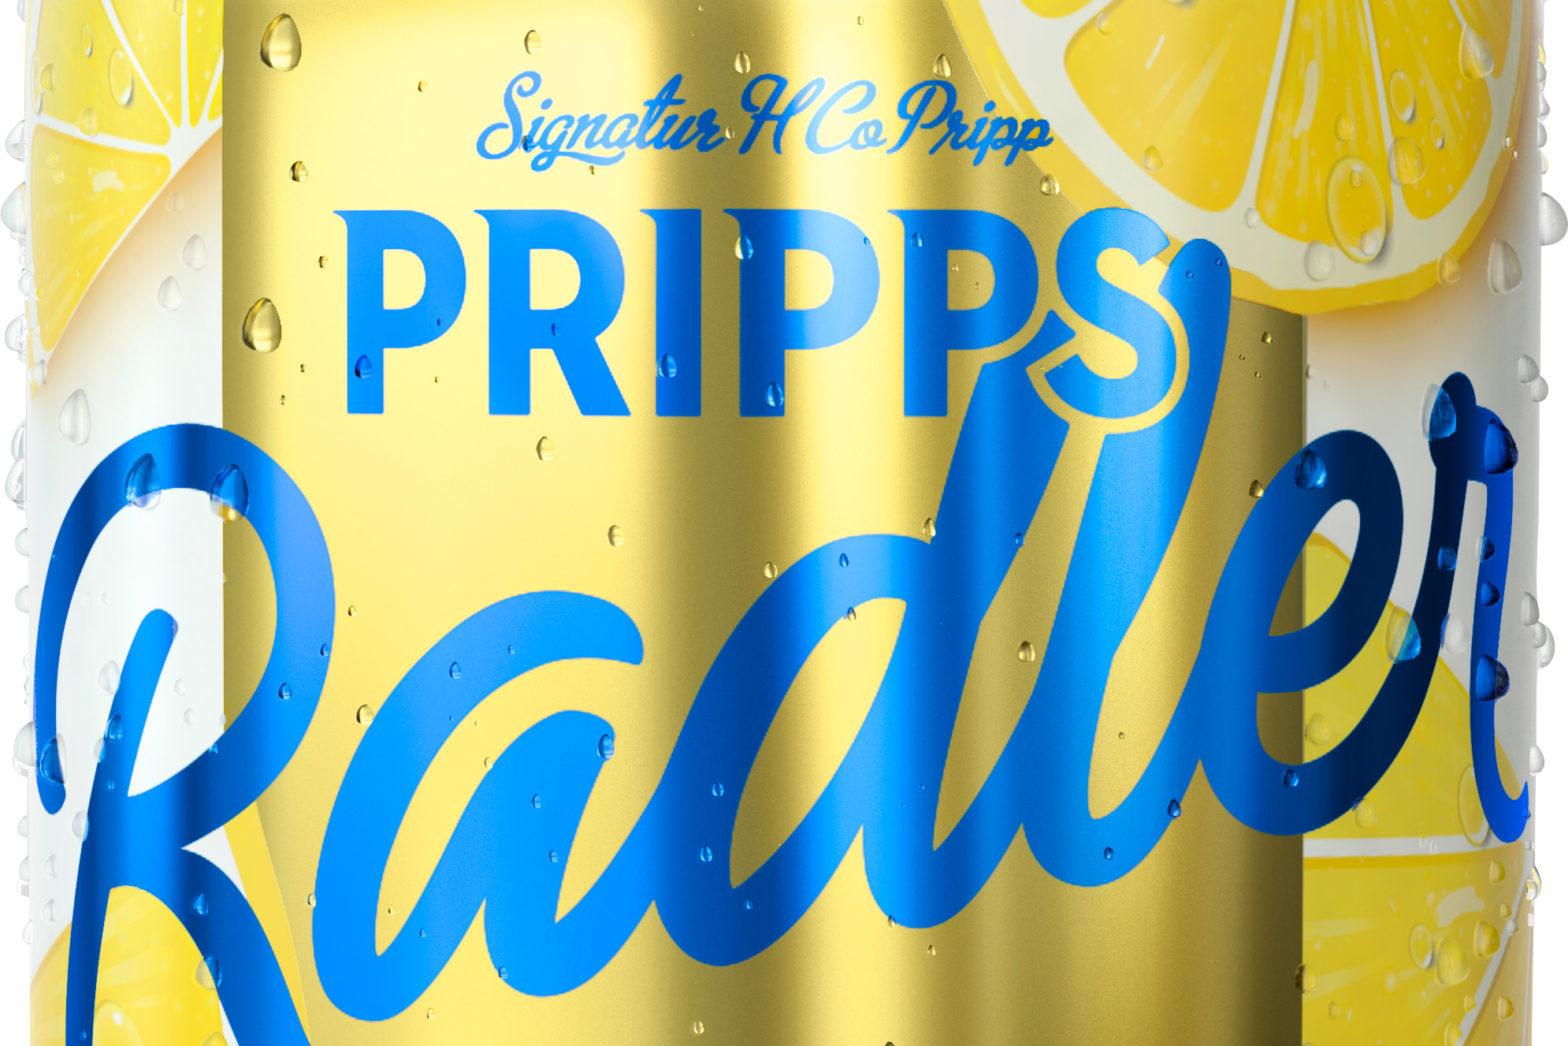 Ny alkoholfri dryck – Pripps radler är här